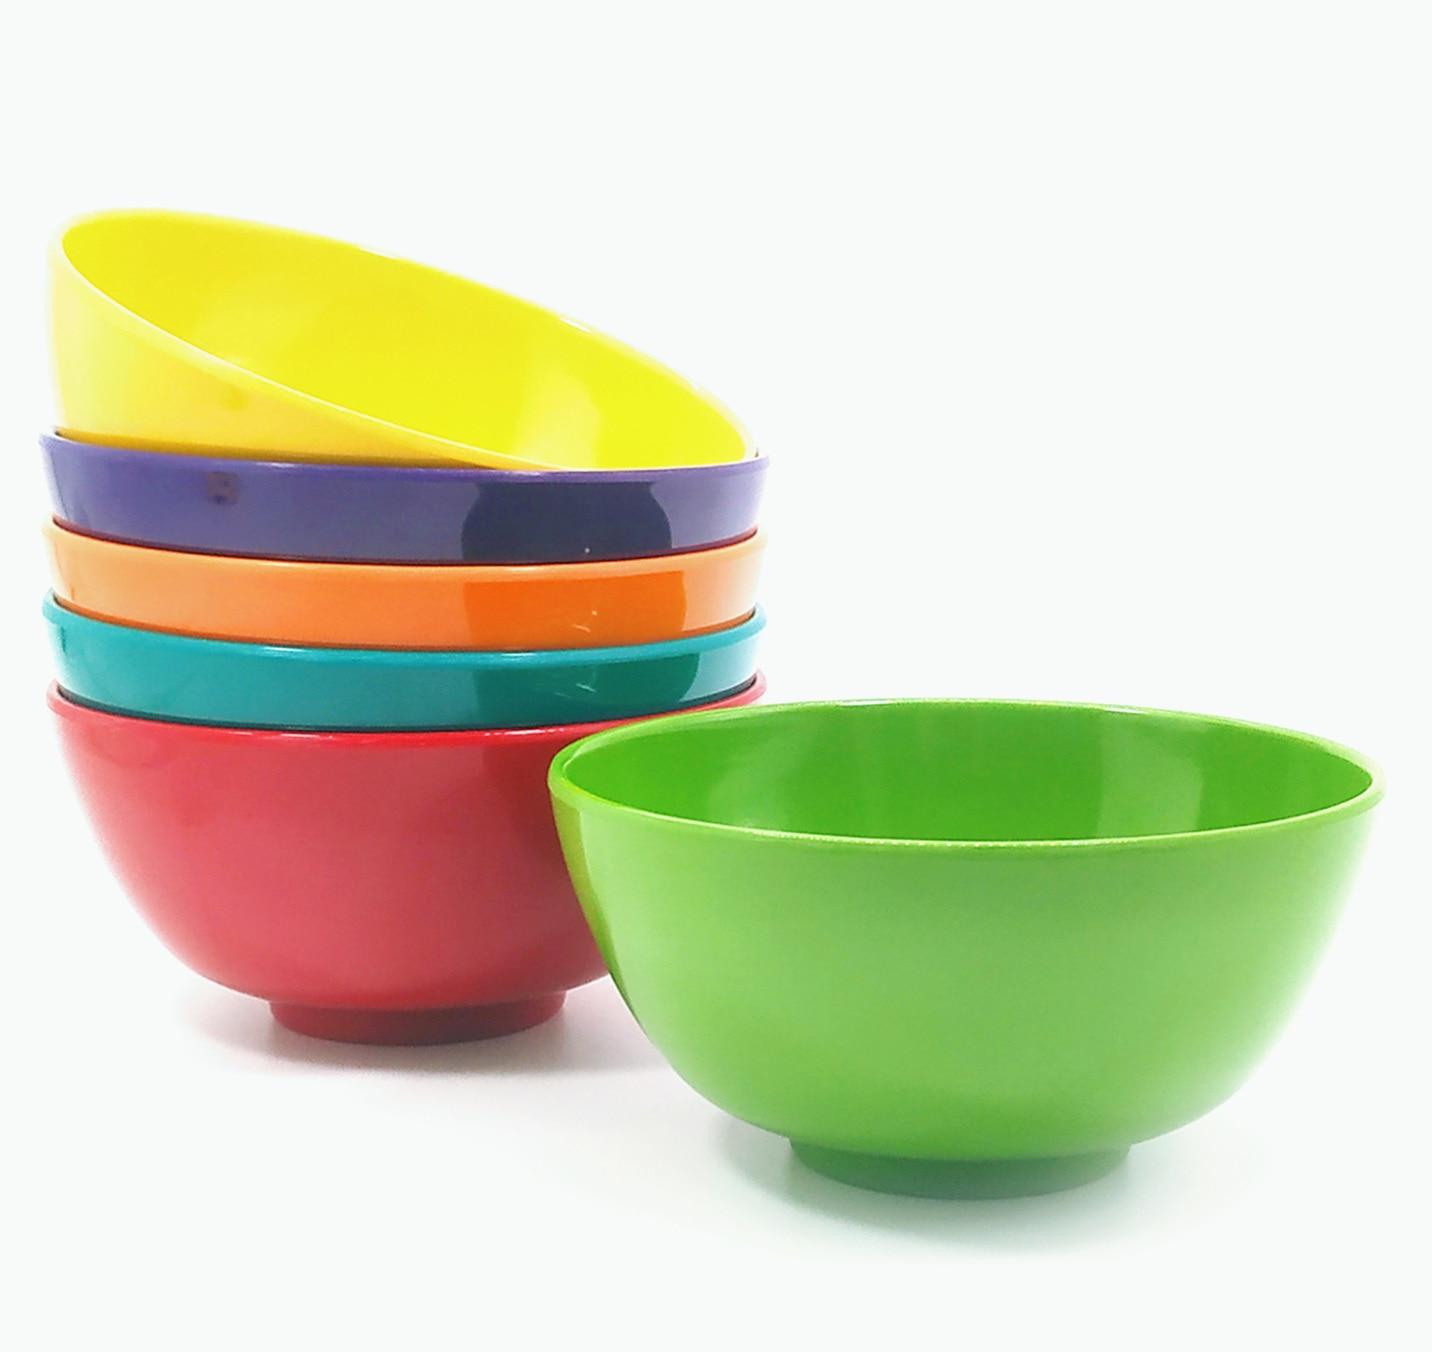 Juego de 6 tazones de ensalada de melamina de 100%, cuencos redondos de melamina para sopa y cereales de 6 pulgadas, resistentes a roturas y sin BPA, Multicolor